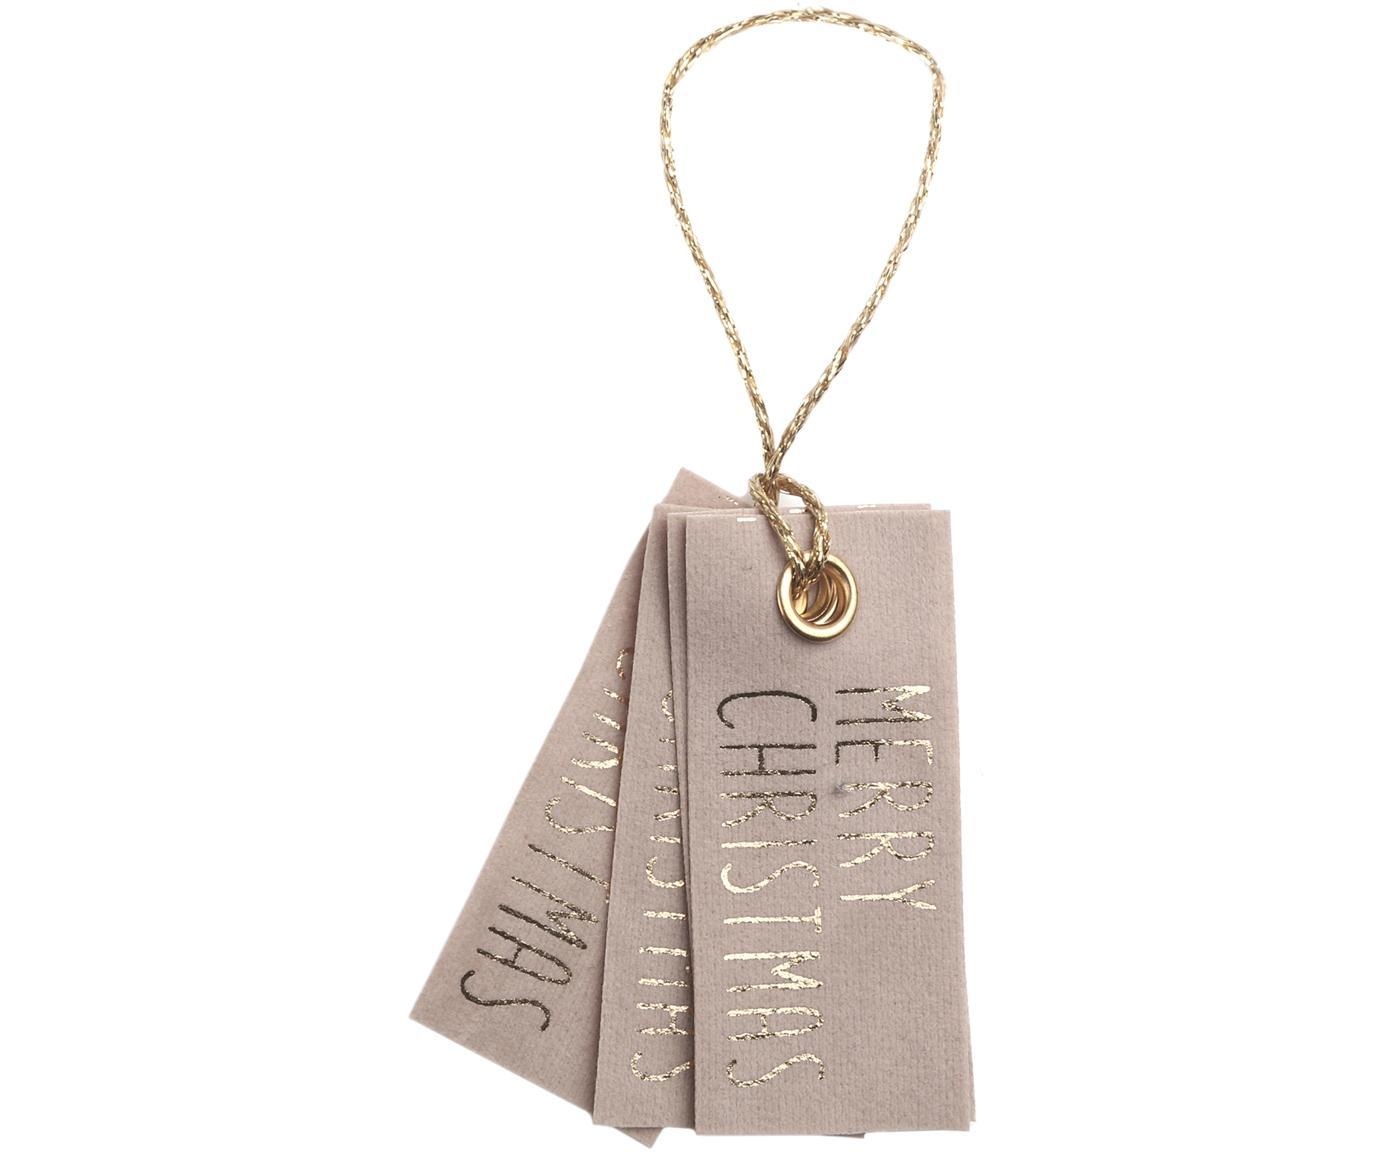 Geschenkanhänger Vellu, 6 Stück, 50% Polyester, 40% Rayon, 10% Haftmittel, Hellbraun, Goldfarben, 3 x 7 cm